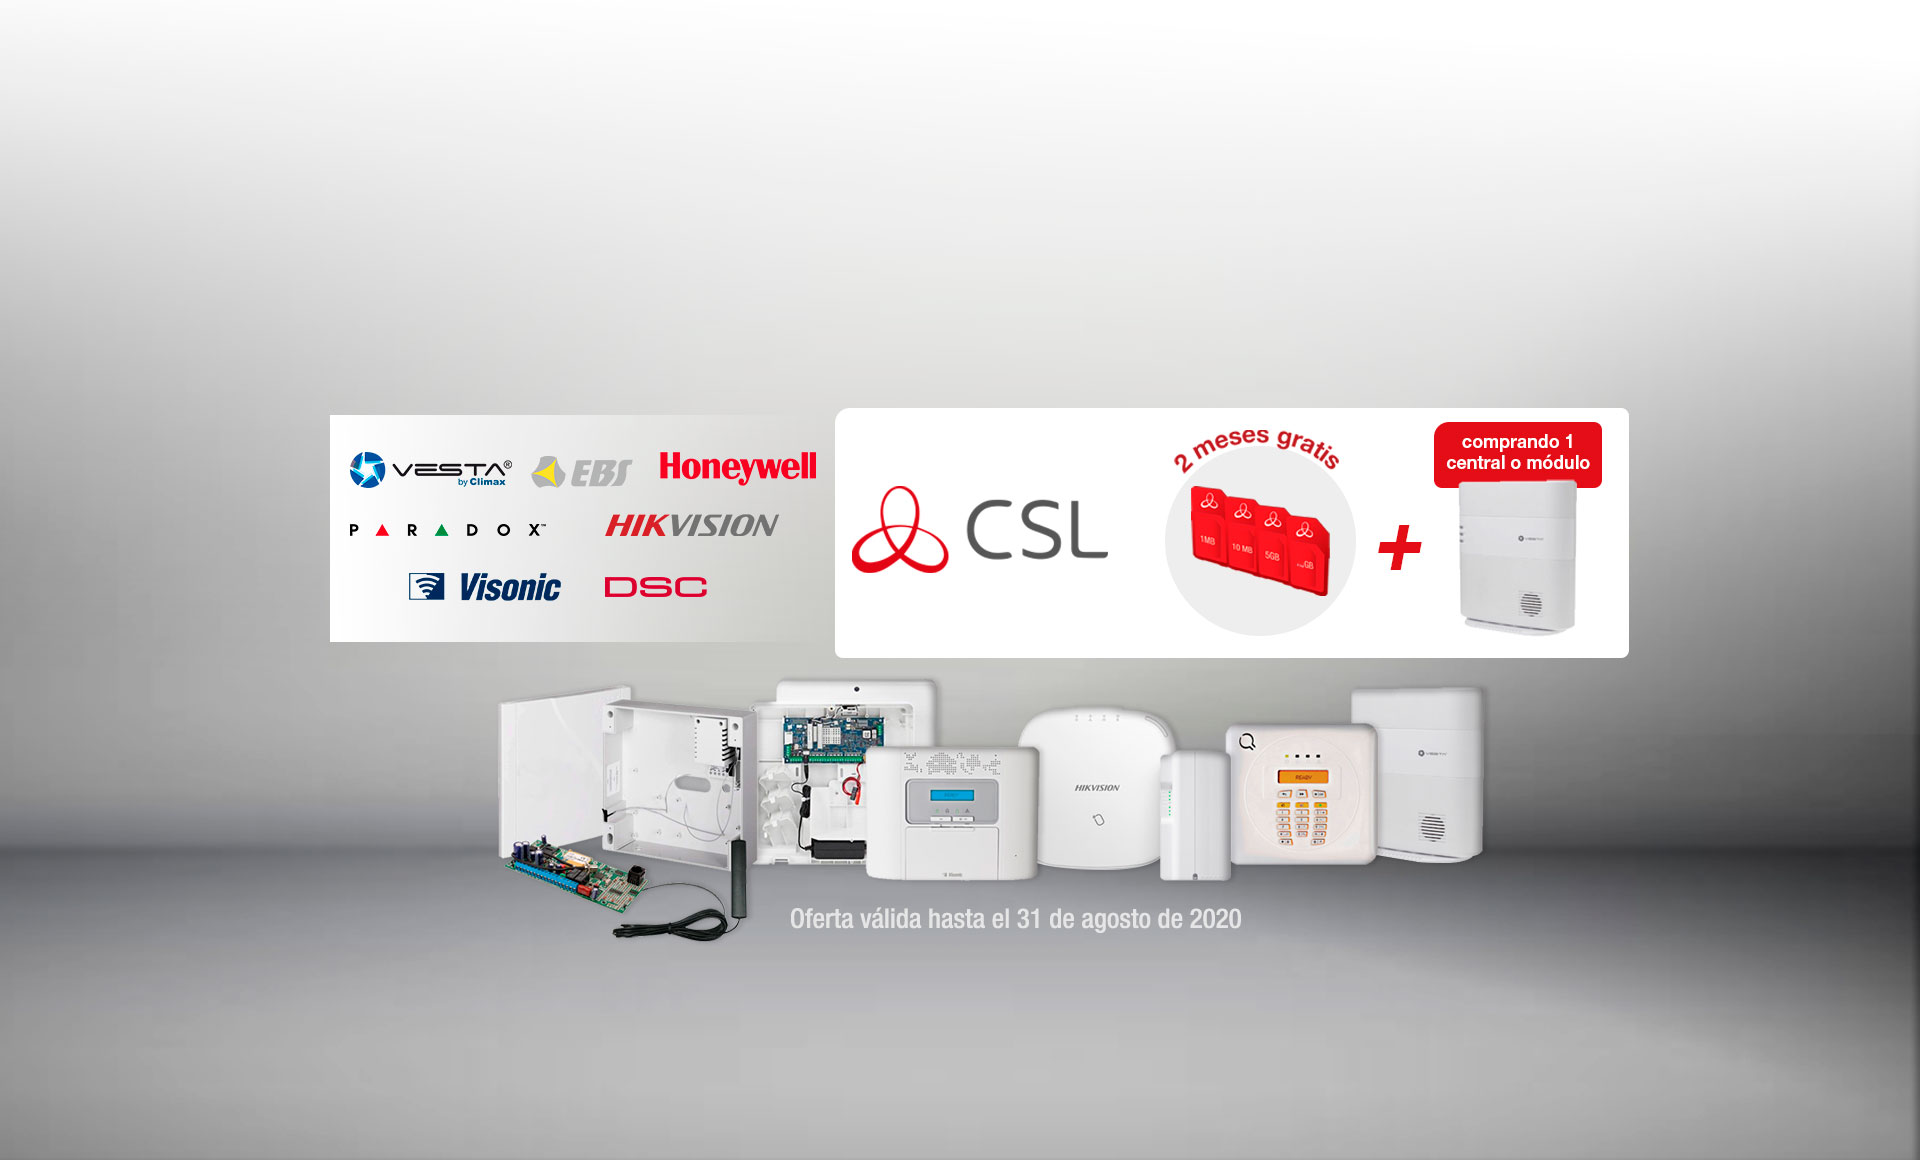 <B>2 meses de conectividad CSL gratis por la compra de cualquier central o módulo de By Demes</B>